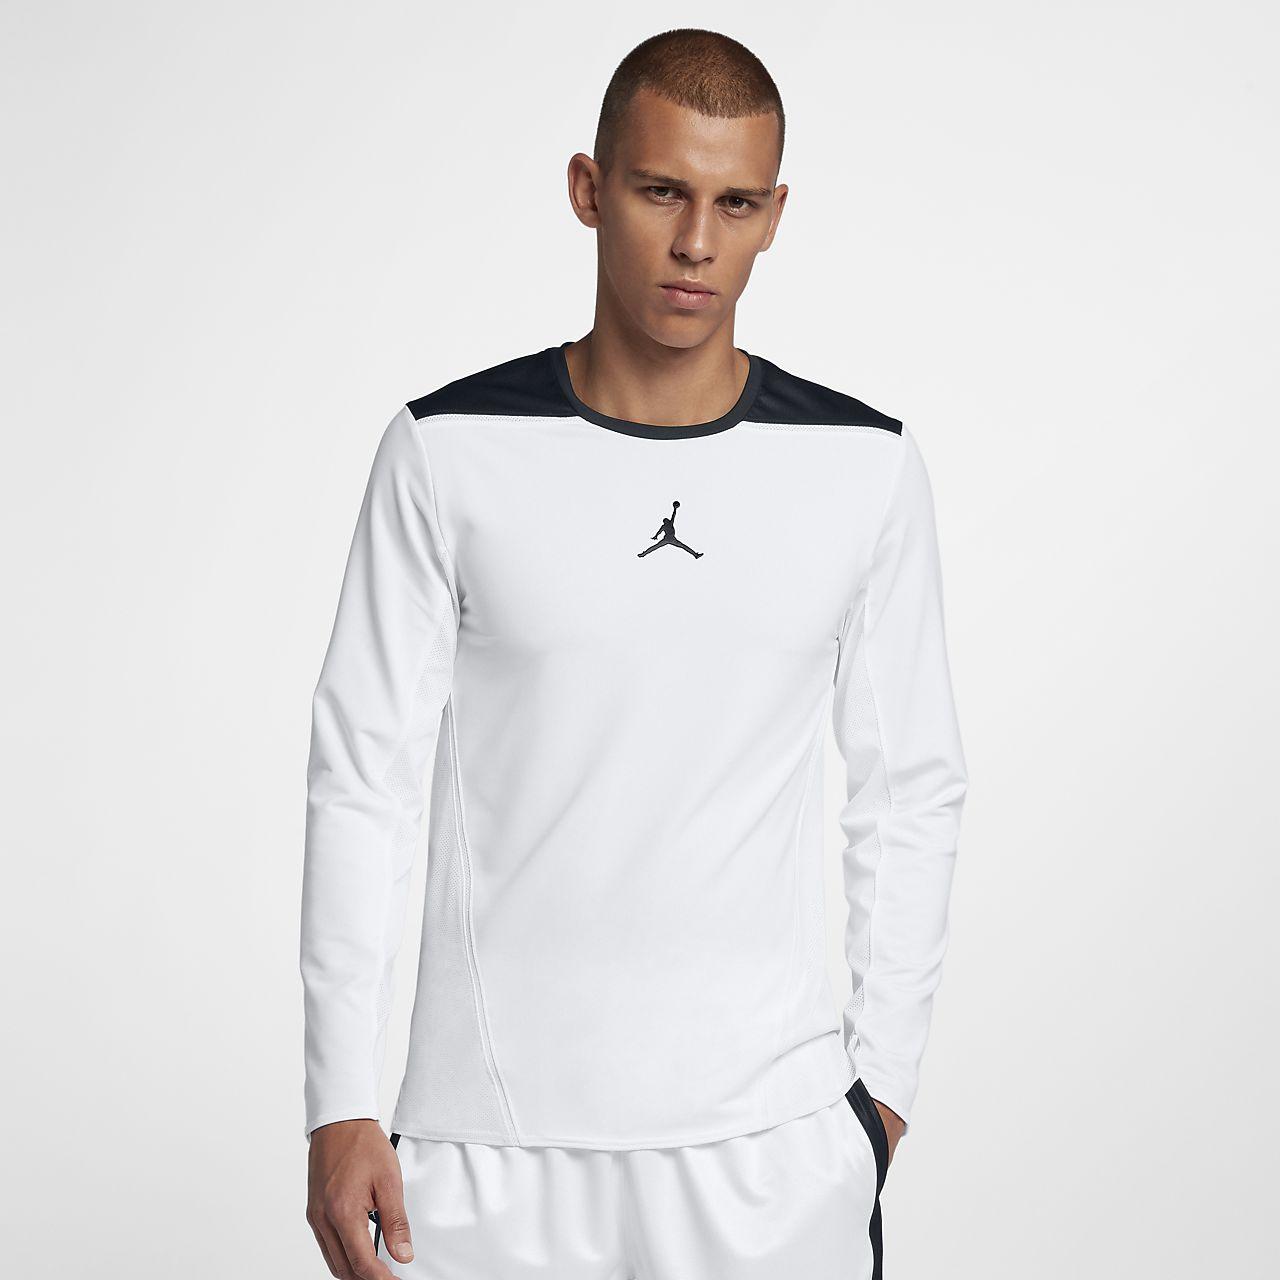 Мужская баскетбольная футболка для разминки Jordan Ultimate Flight ... dc83a5ebdfe